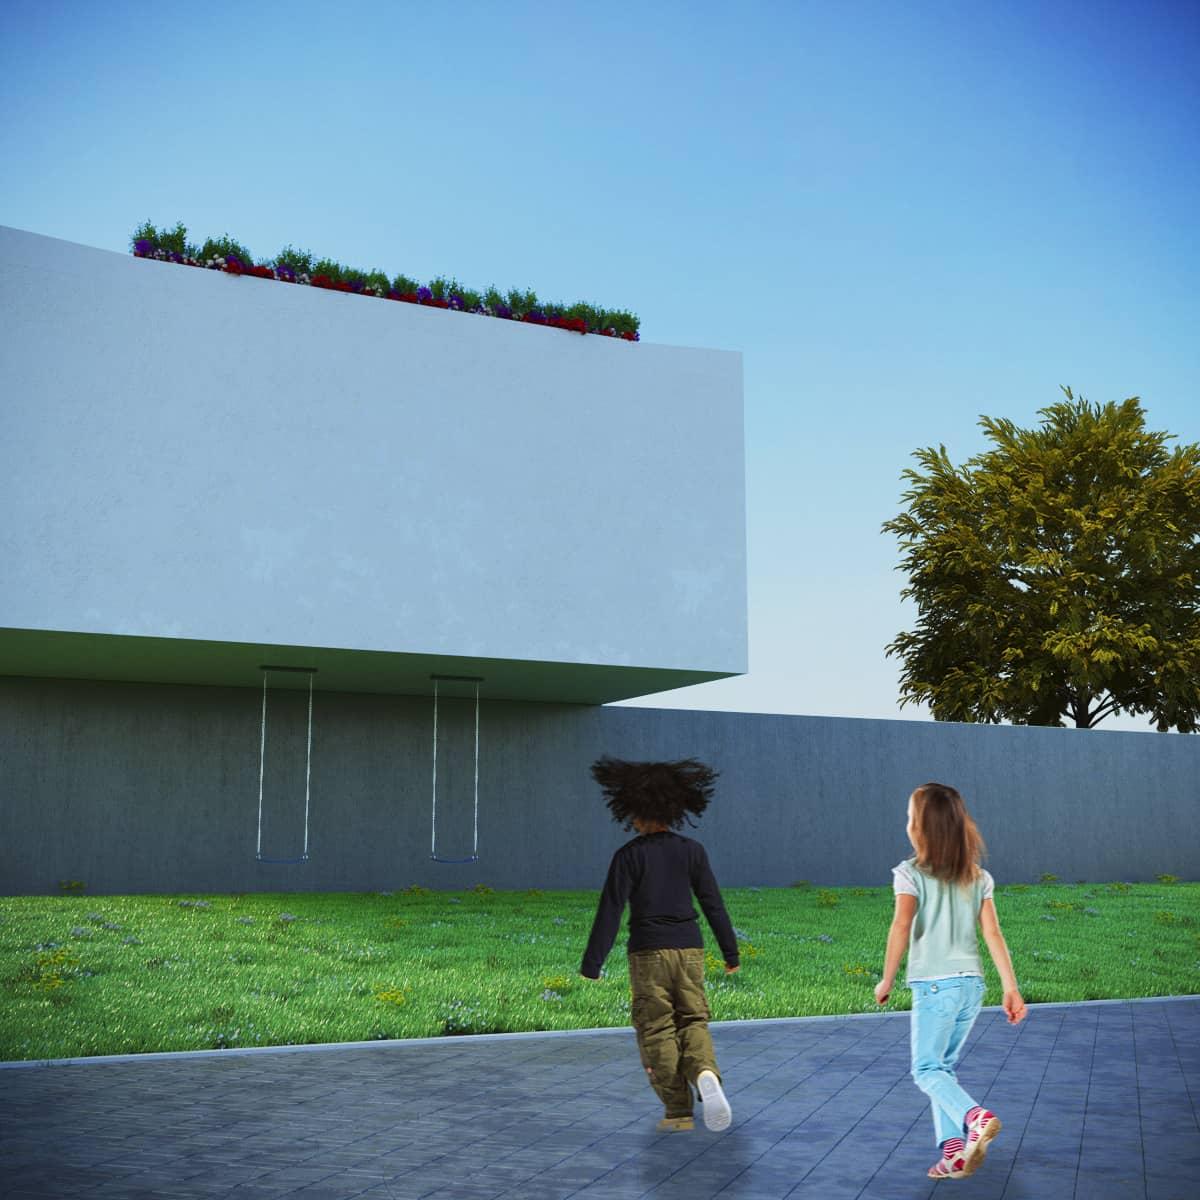 rendering esterni per proposta di progetto - rendering roma - rendering progetto - rendering architettura